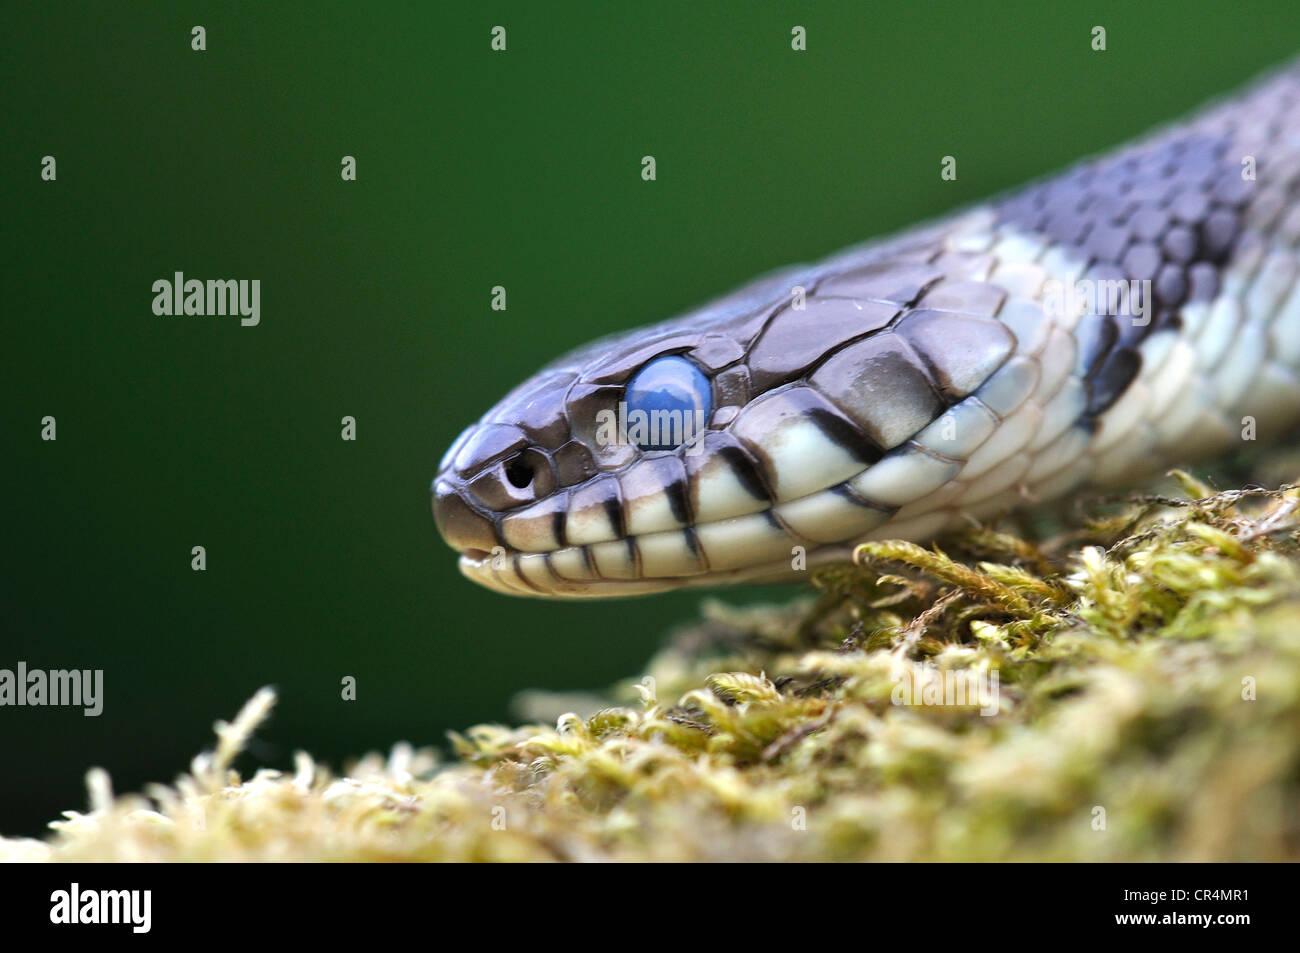 Couleuvre à collier natrix serpent reptile Banque D'Images